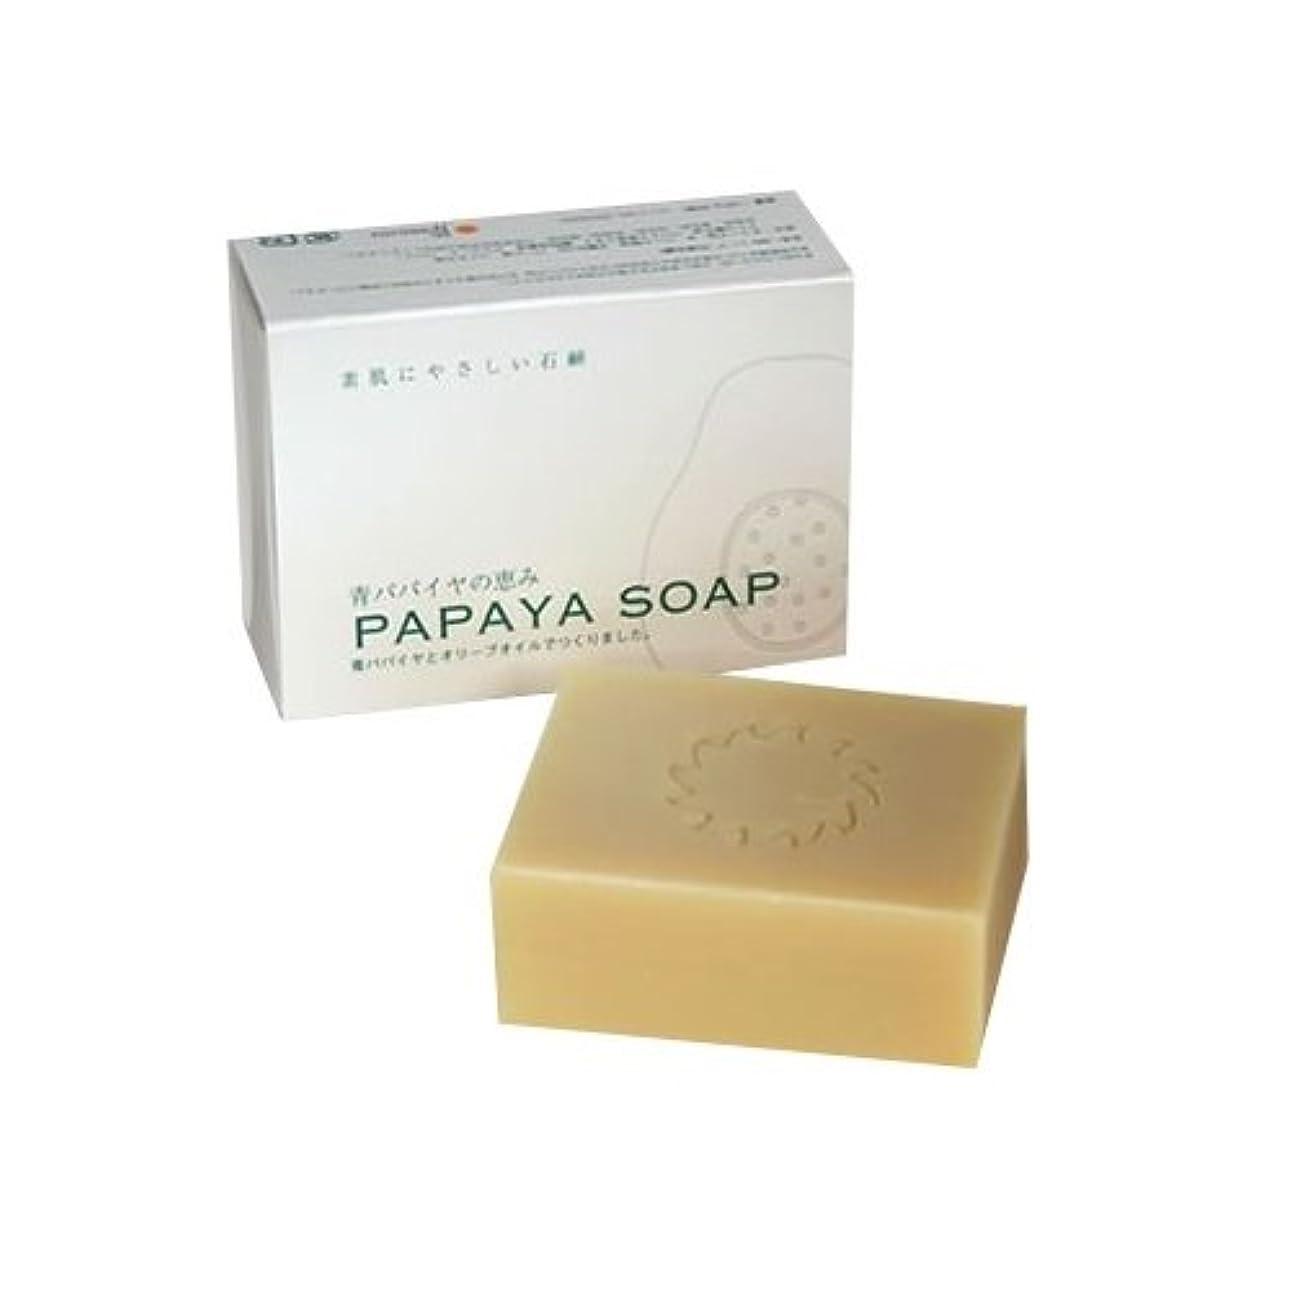 ゴミコンパニオン折り目青パパイヤの恵み PAPAYA SOAP(パパイヤソープ) 100g